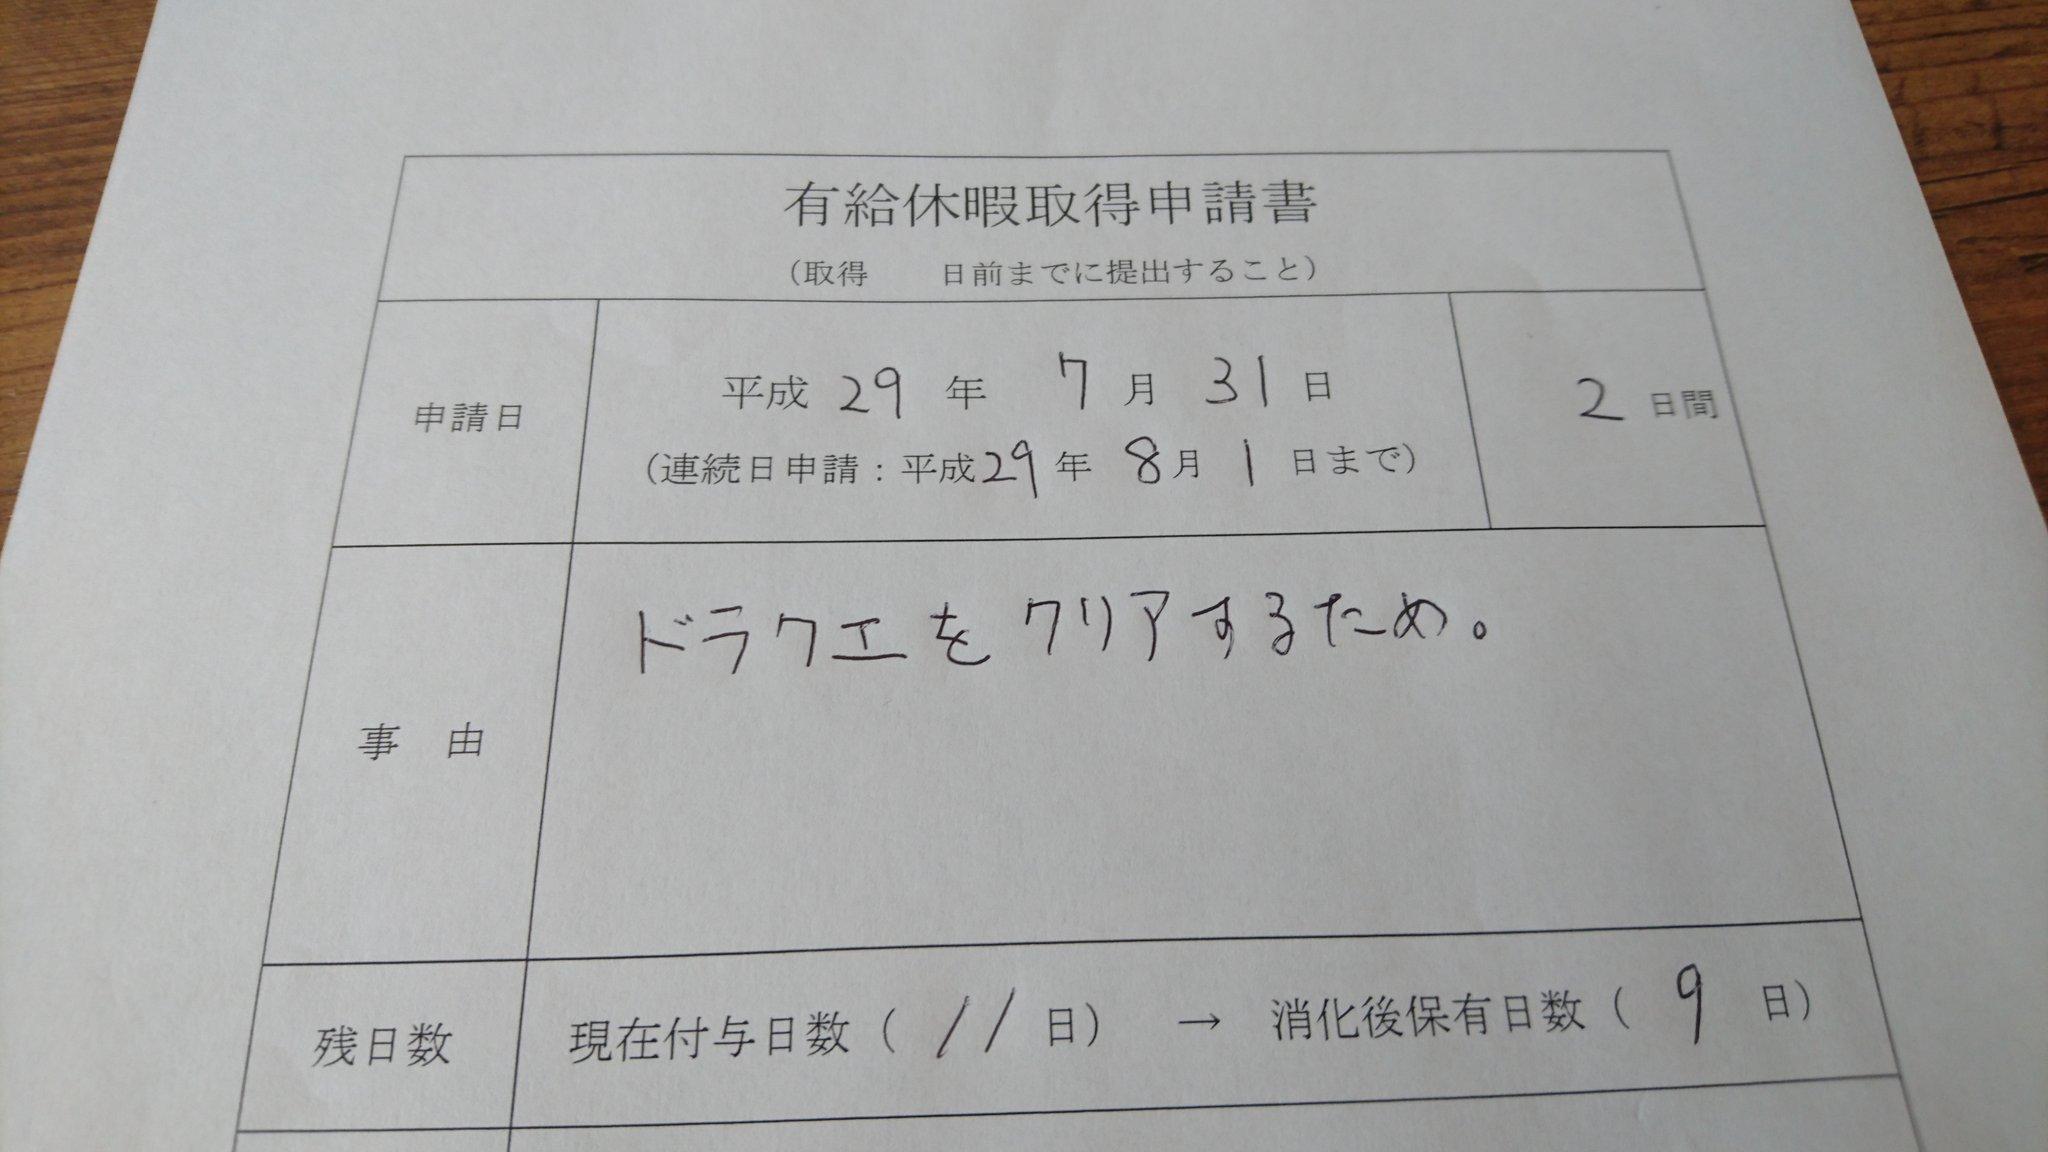 #ドラクエ をクリアするために申請された部下からの有給休暇取得申請書。 色々考えた結果承認した。 #ドラクエ11